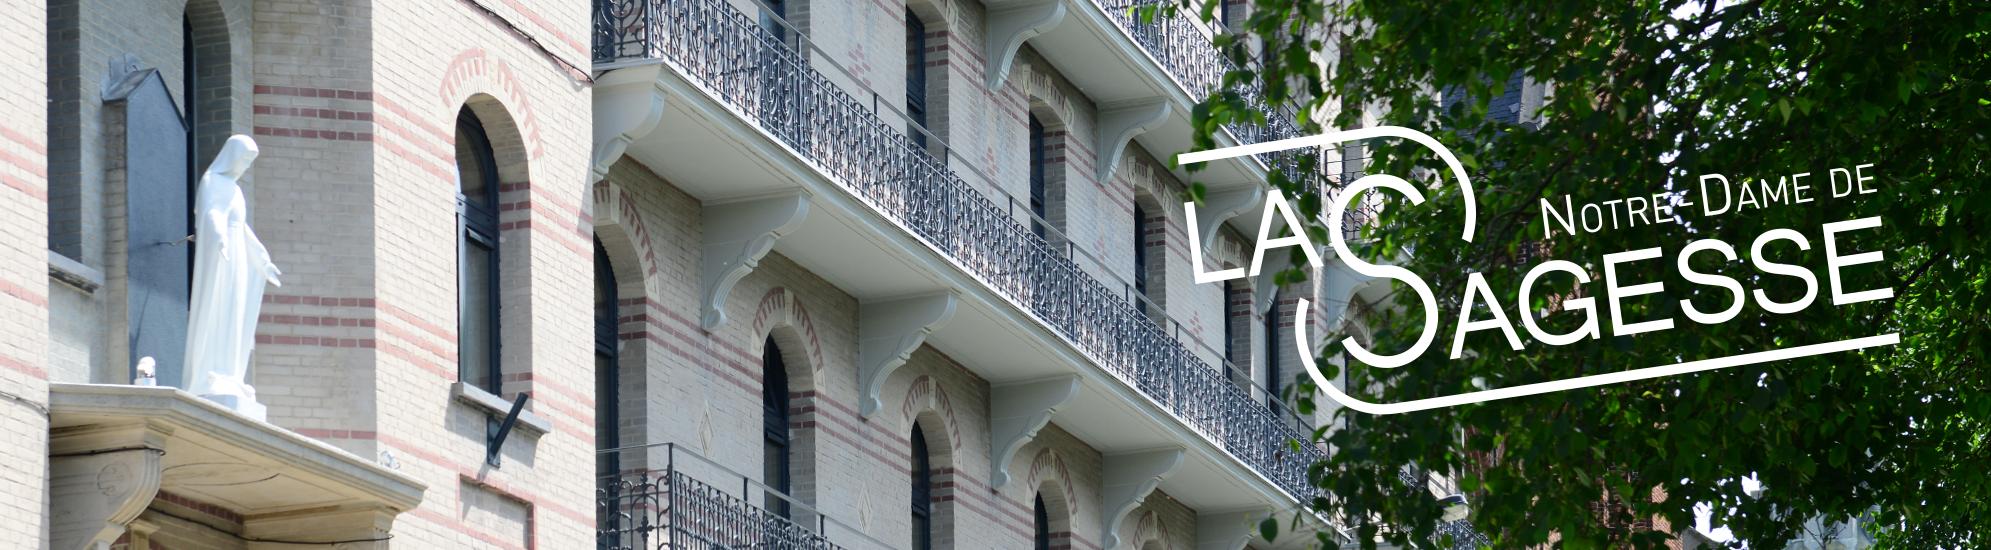 Centre scolaire Notre-Dame de la Sagesse